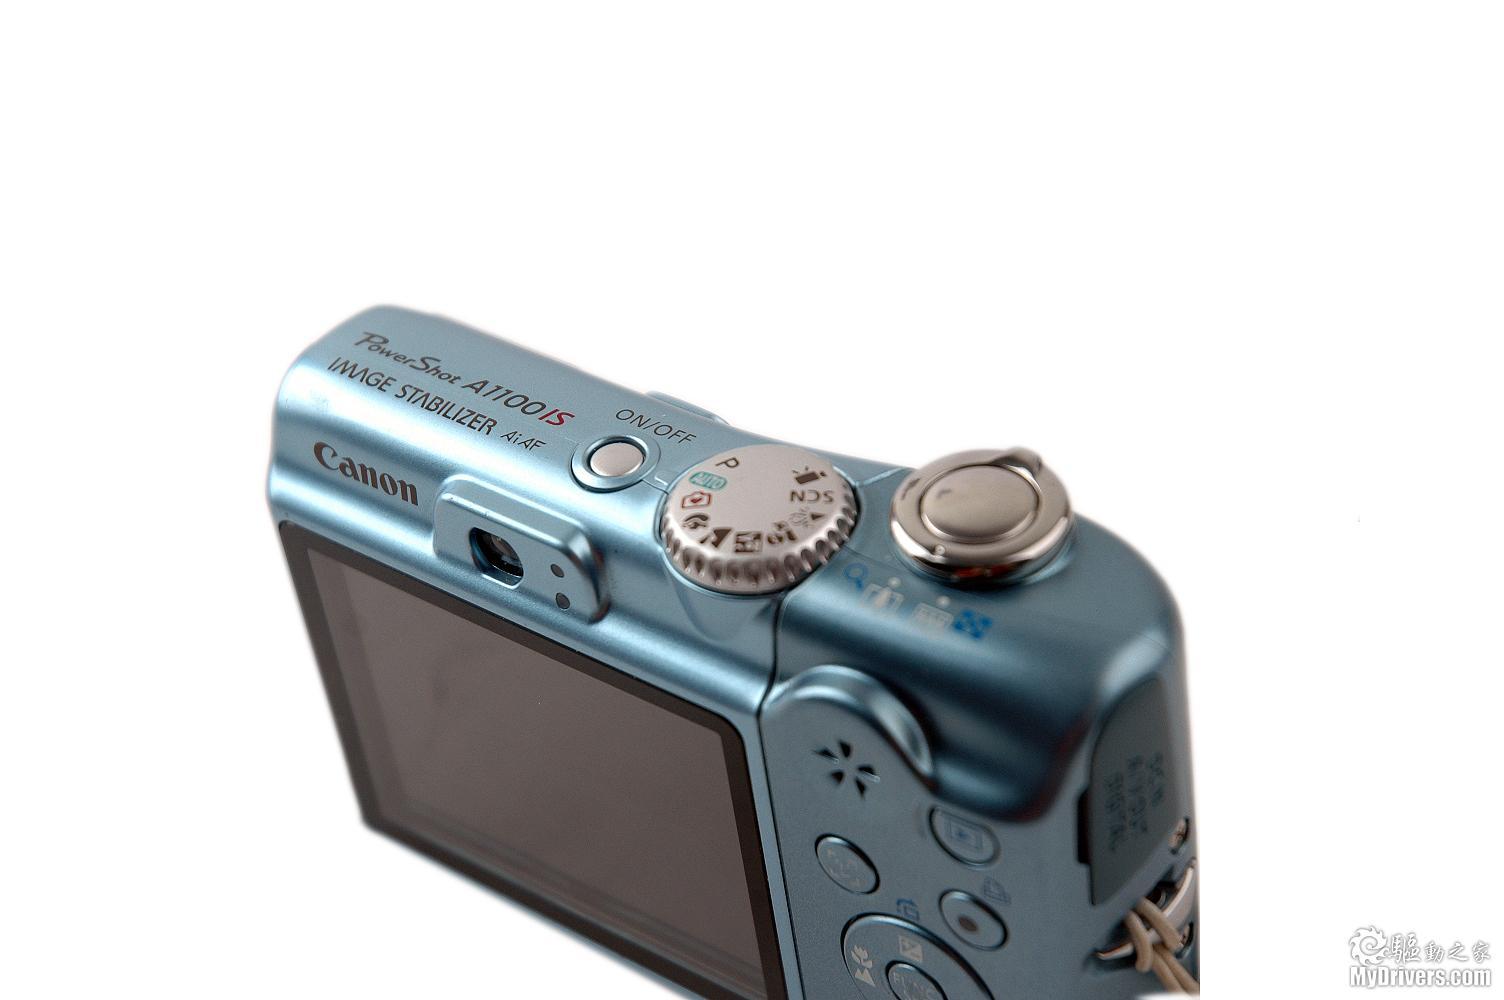 佳能升级版A1100IS相机评测 更加符合流行趋势